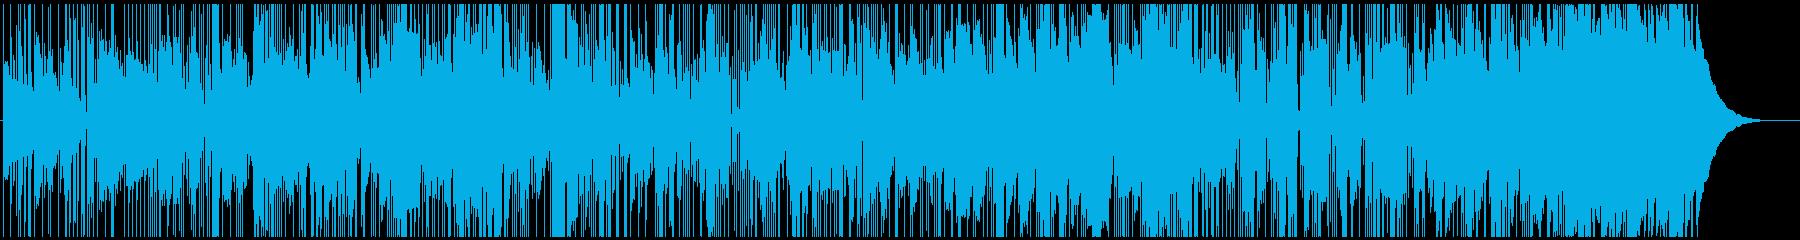 コンタクトの再生済みの波形